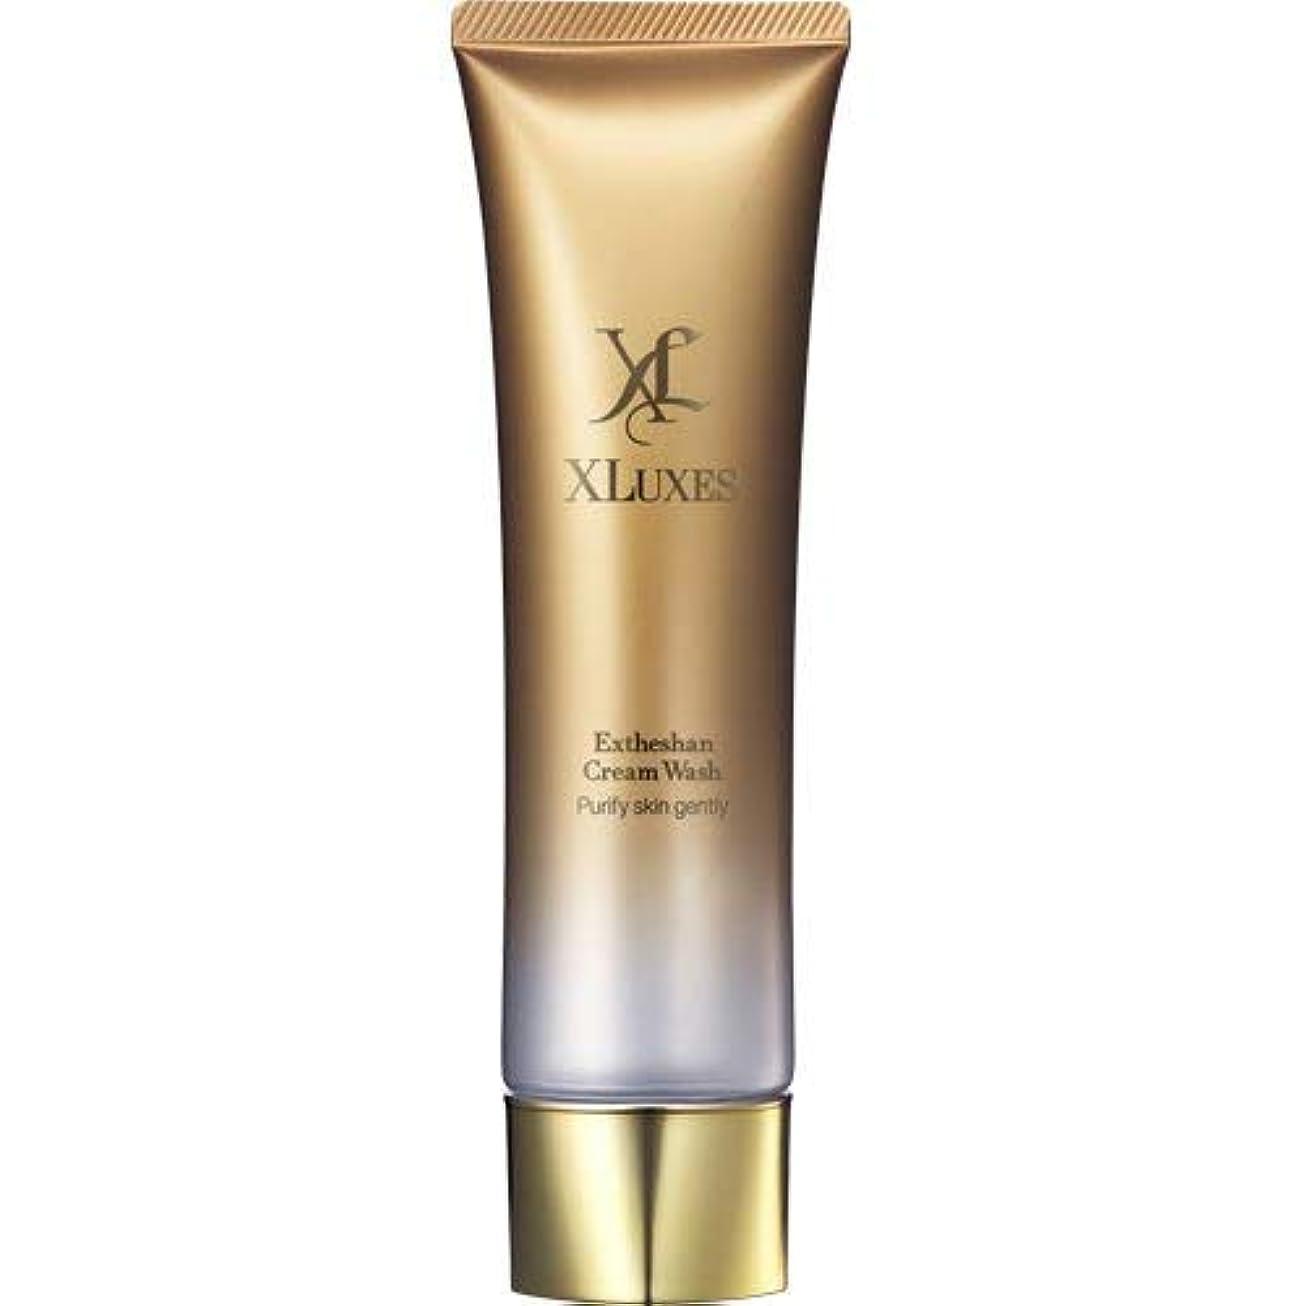 偶然のストリップ口径XLUXES スキンケア洗顔料 ヒト幹細胞培養液配合 エグゼティシャン クリームウォッシュ